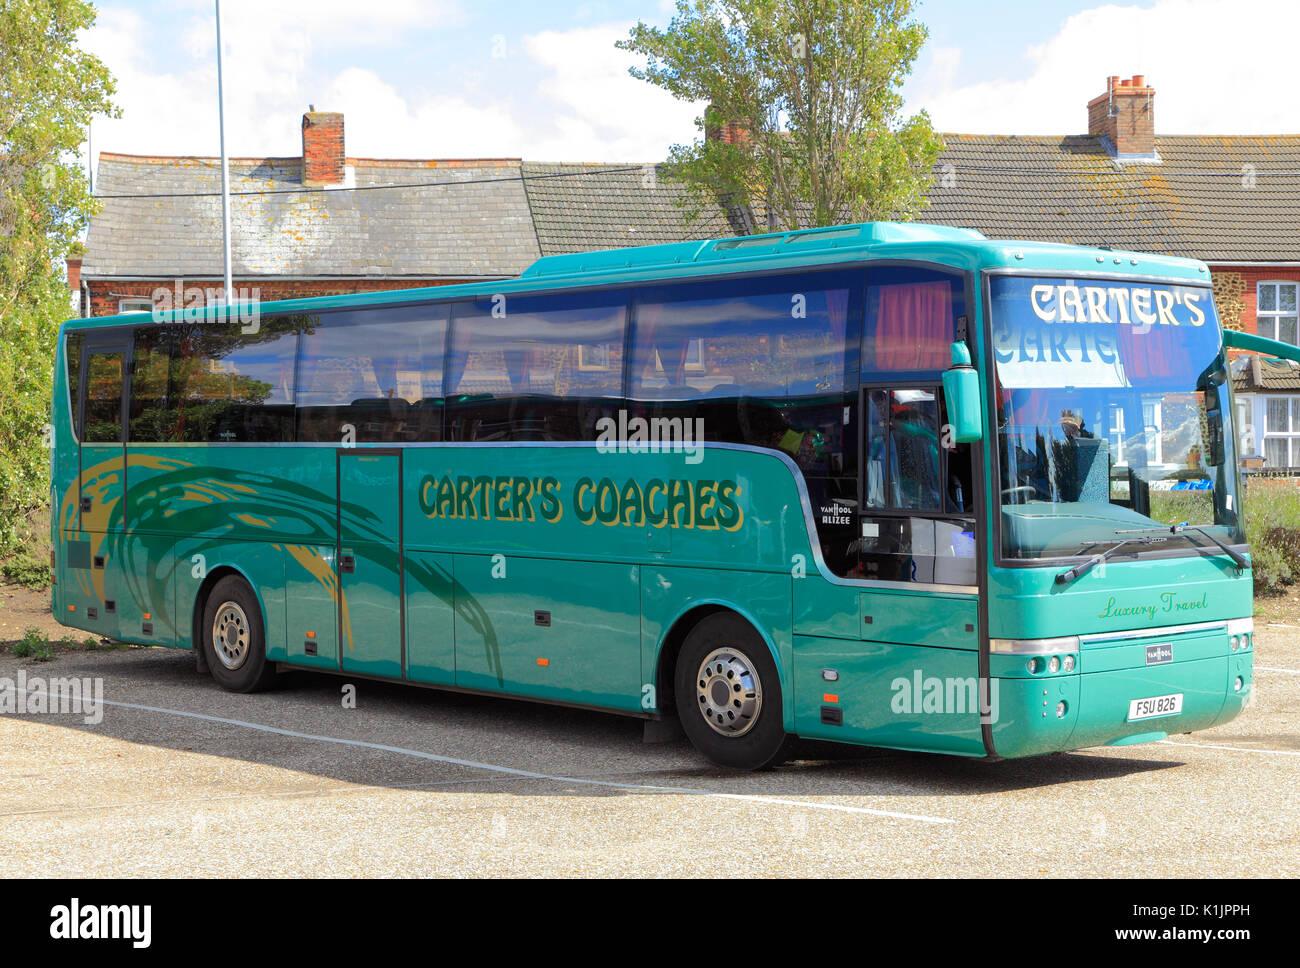 Carters Coahes, Trainer, Tagesausflüge, Reise, reisen, Unternehmen, Firmen, Ausflug, Ausflüge, Transport, England, Großbritannien Stockbild